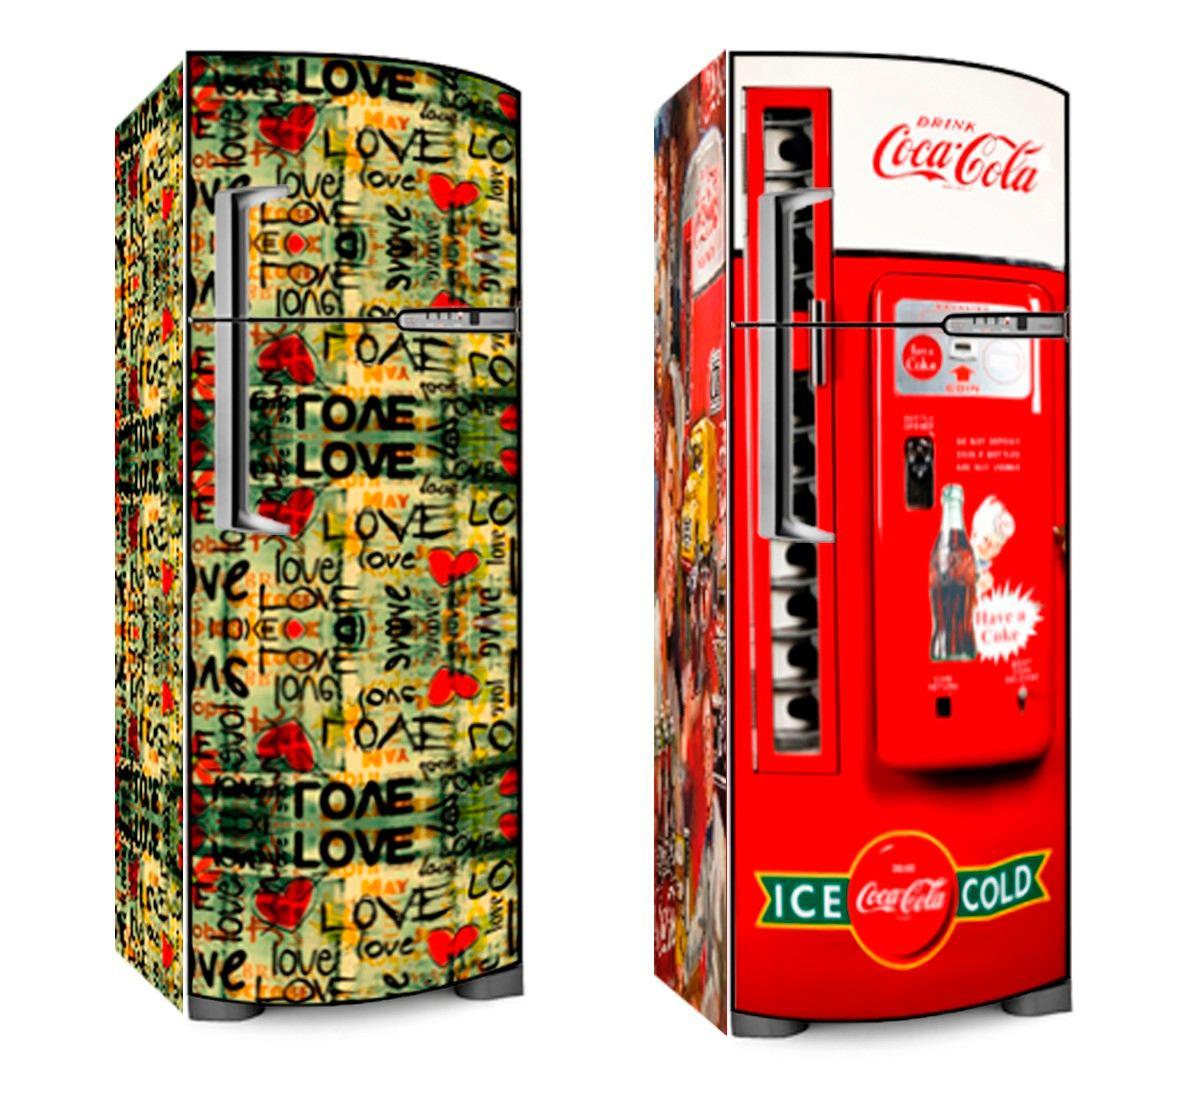 Armario Baixo Com Chave ~ Adesivo Skin P Envelopamento Geladeira + De 250 Modelos R$ 209,90 em Mercado Livre